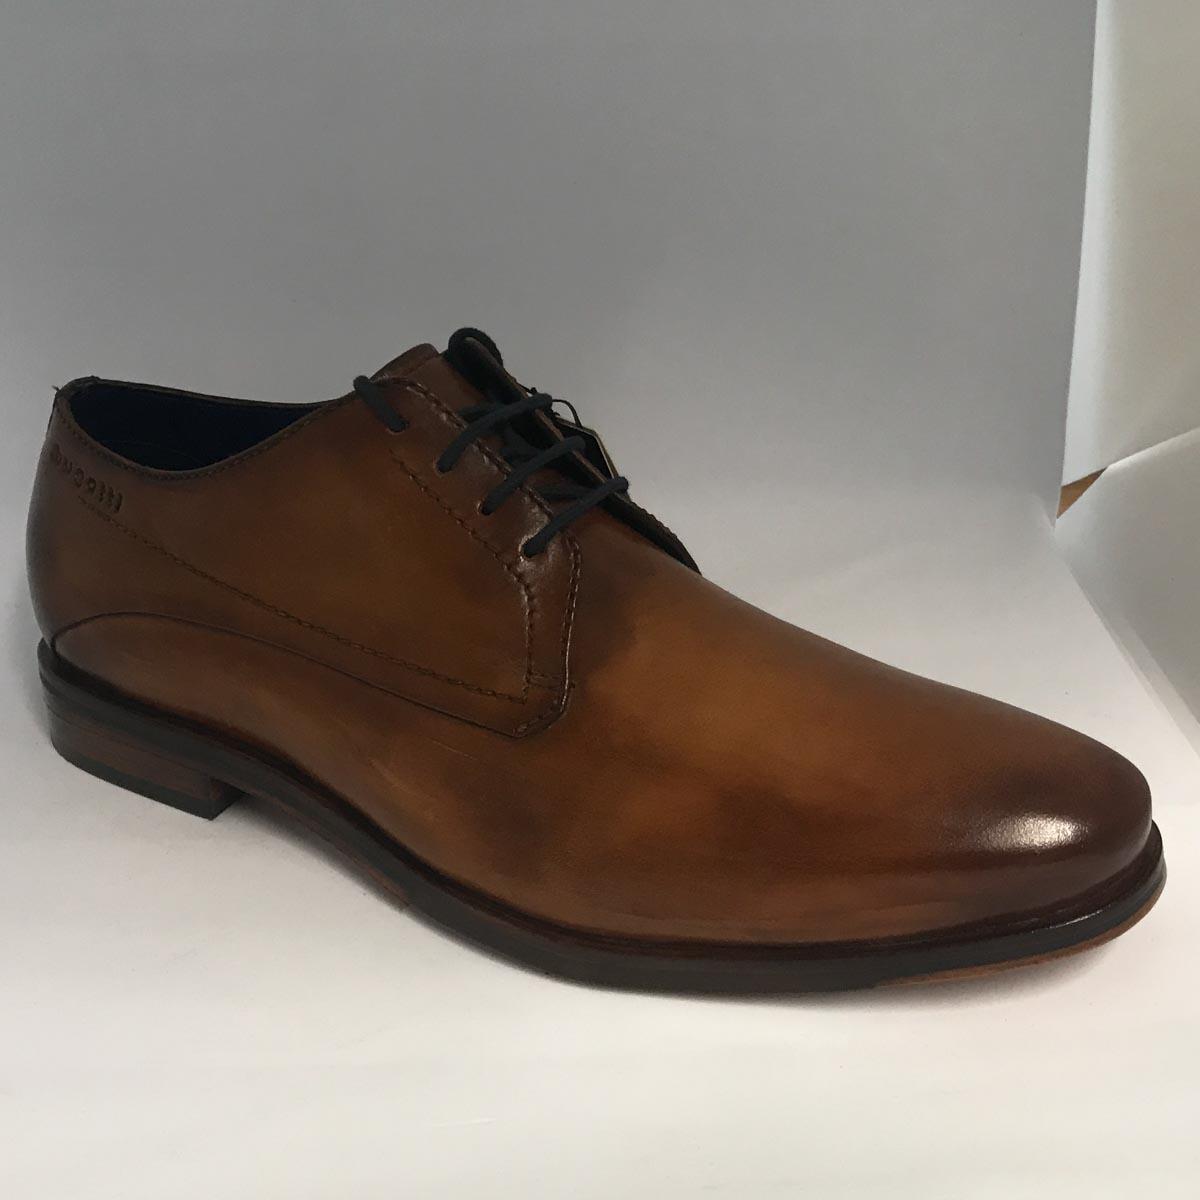 7e72b73e Bugatti Formal Shoes - Tan Leather - 31177701/6300 NUNZIO EXKO W